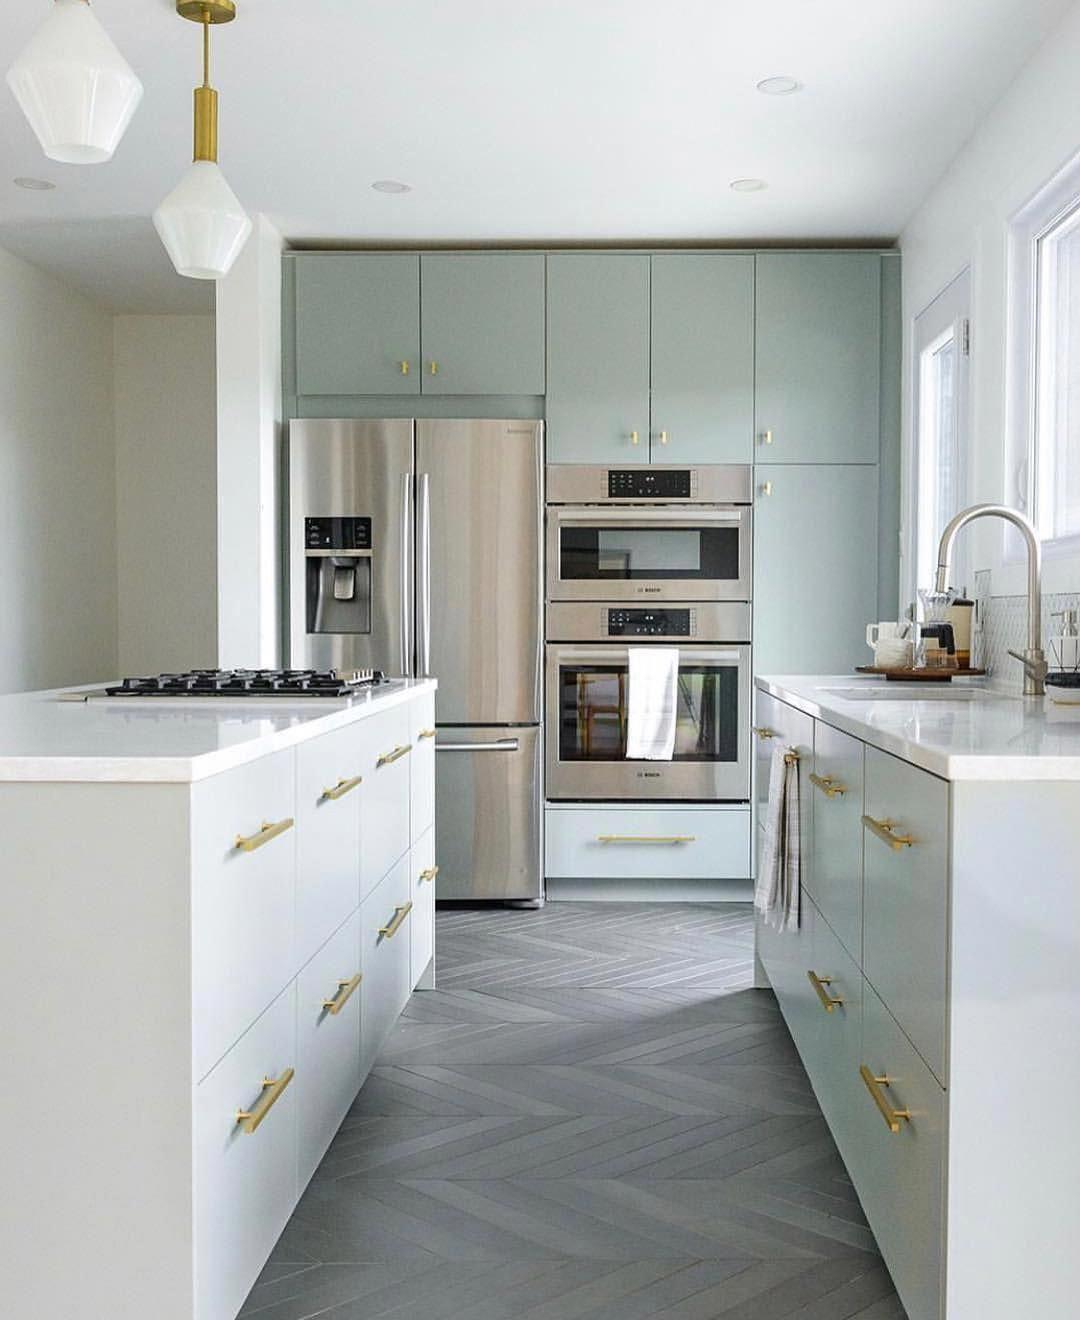 Aurora Pendant In 2020 Interior Design Kitchen Kitchen Interior